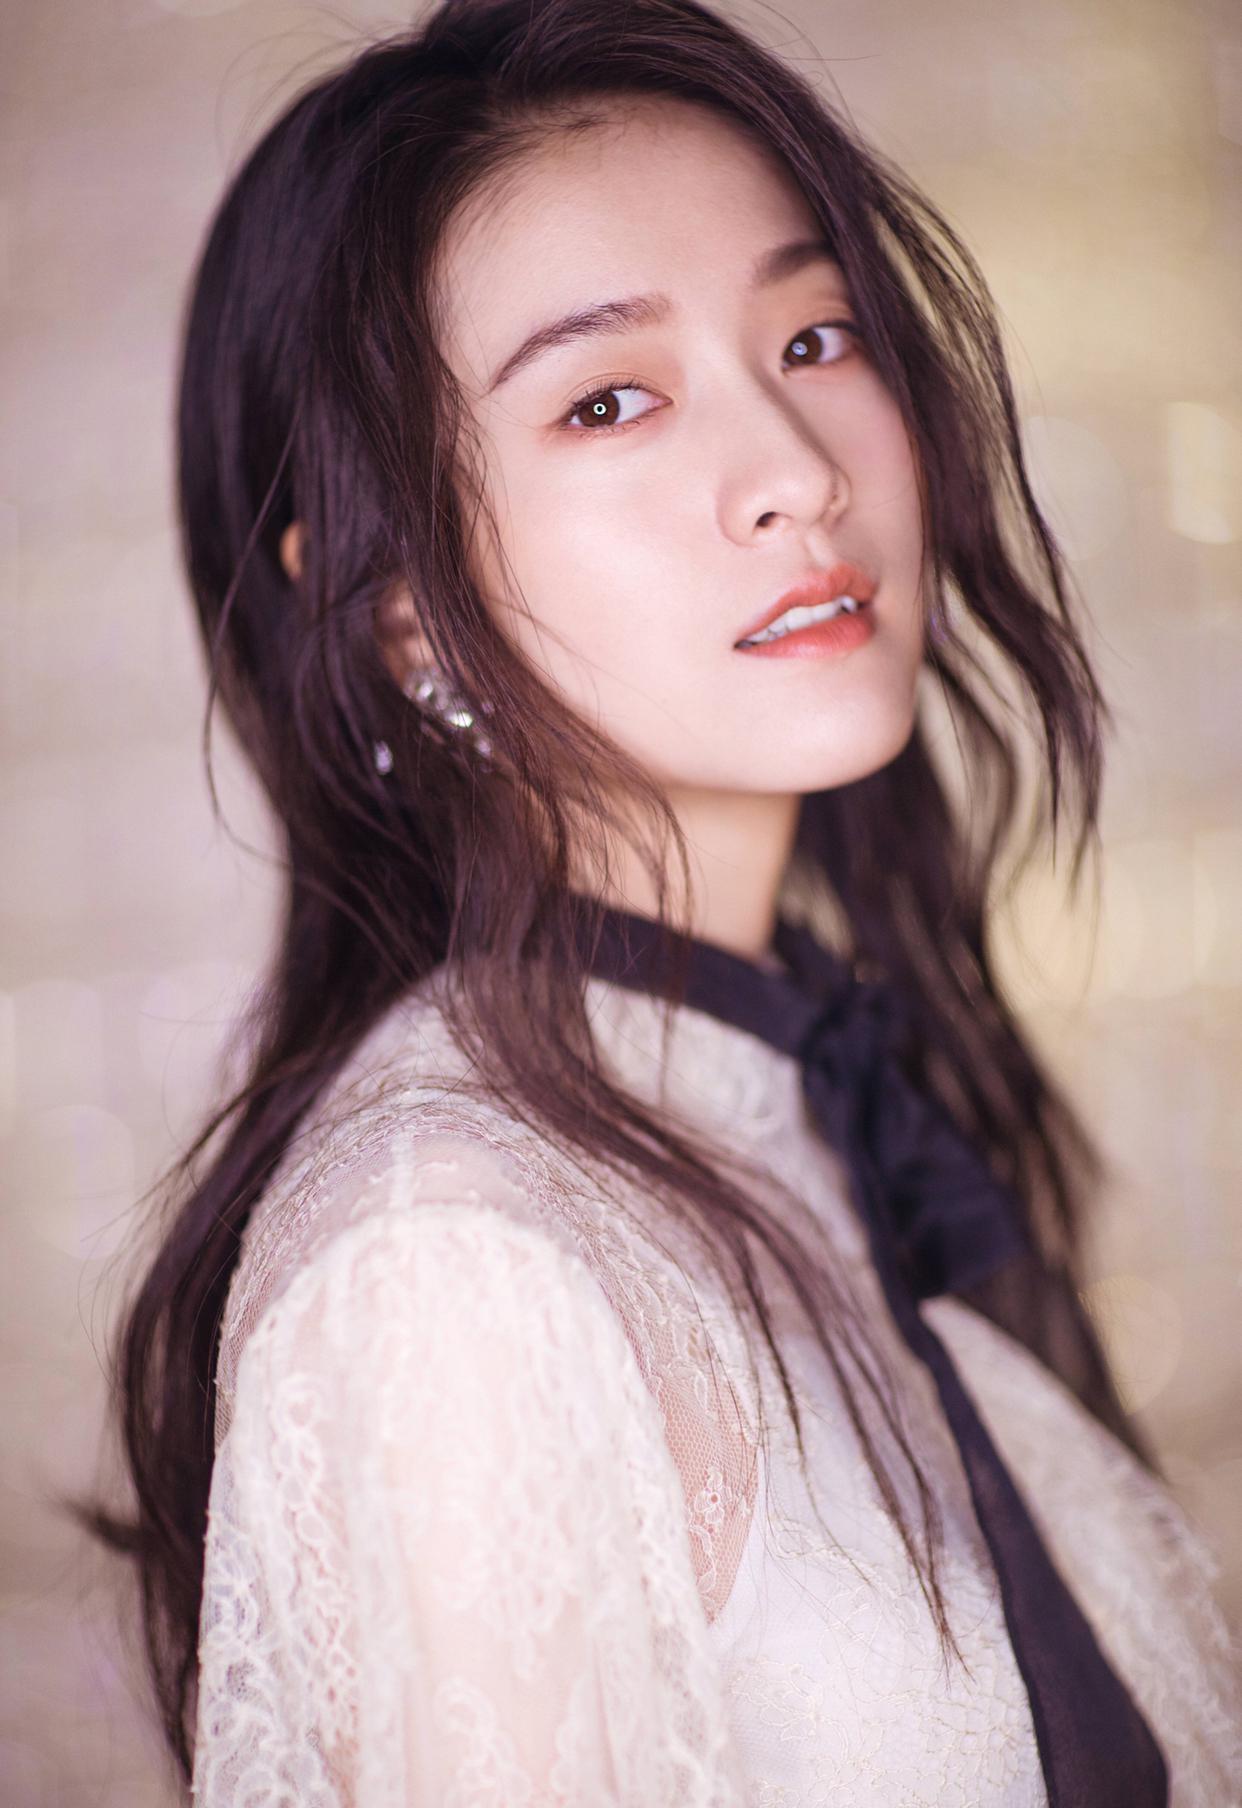 亚洲100最美面孔_中国区最美100张面孔,她们颜值都好高